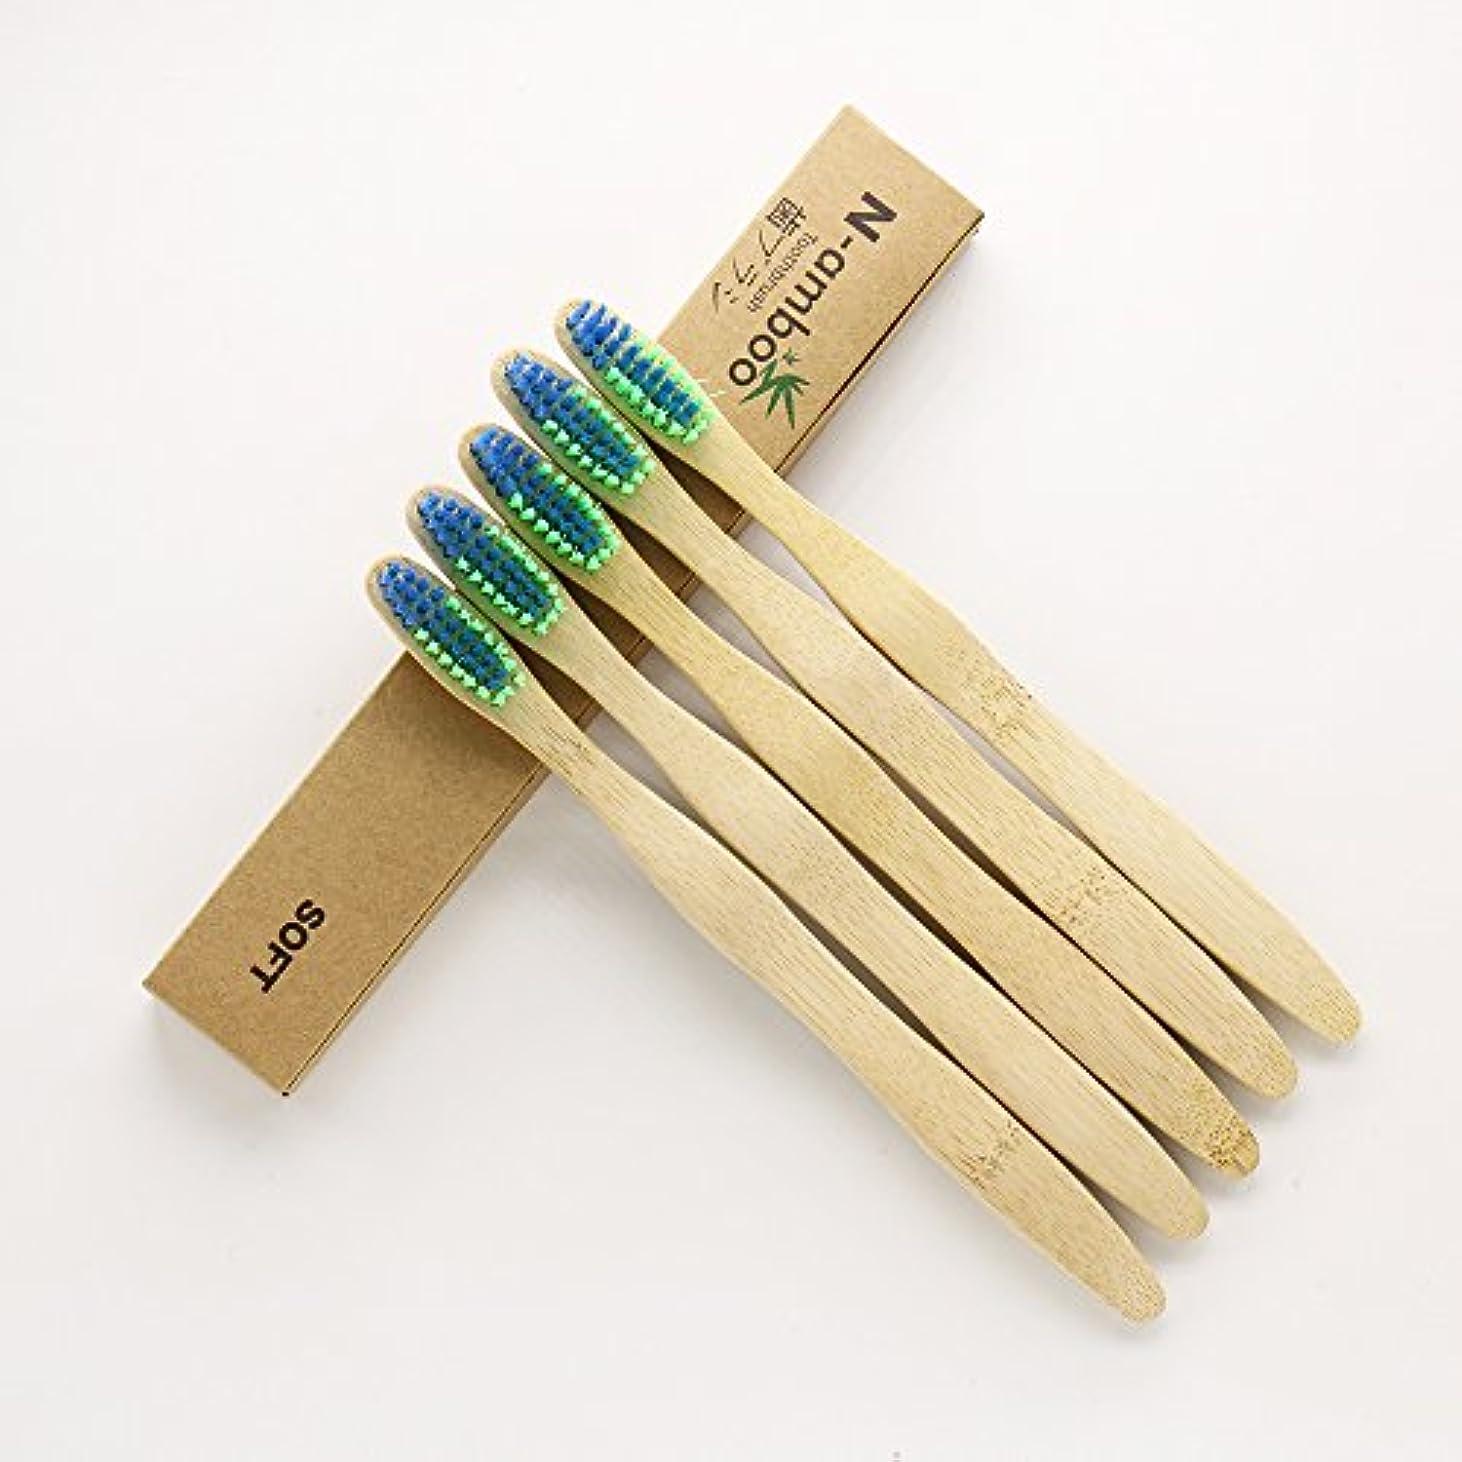 メンタル挽くオーロックN-amboo 竹製耐久度高い 歯ブラシ 青と緑色 5本入り セット